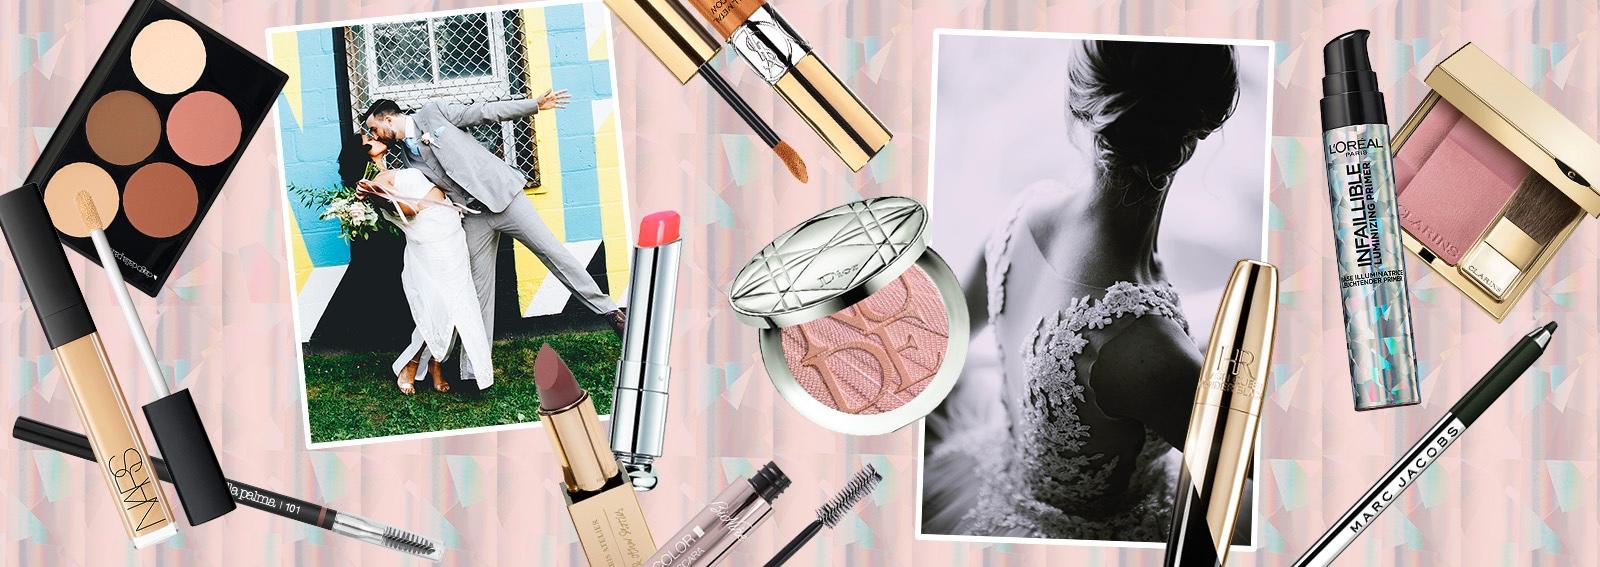 DESKTOP_makeup_sposa